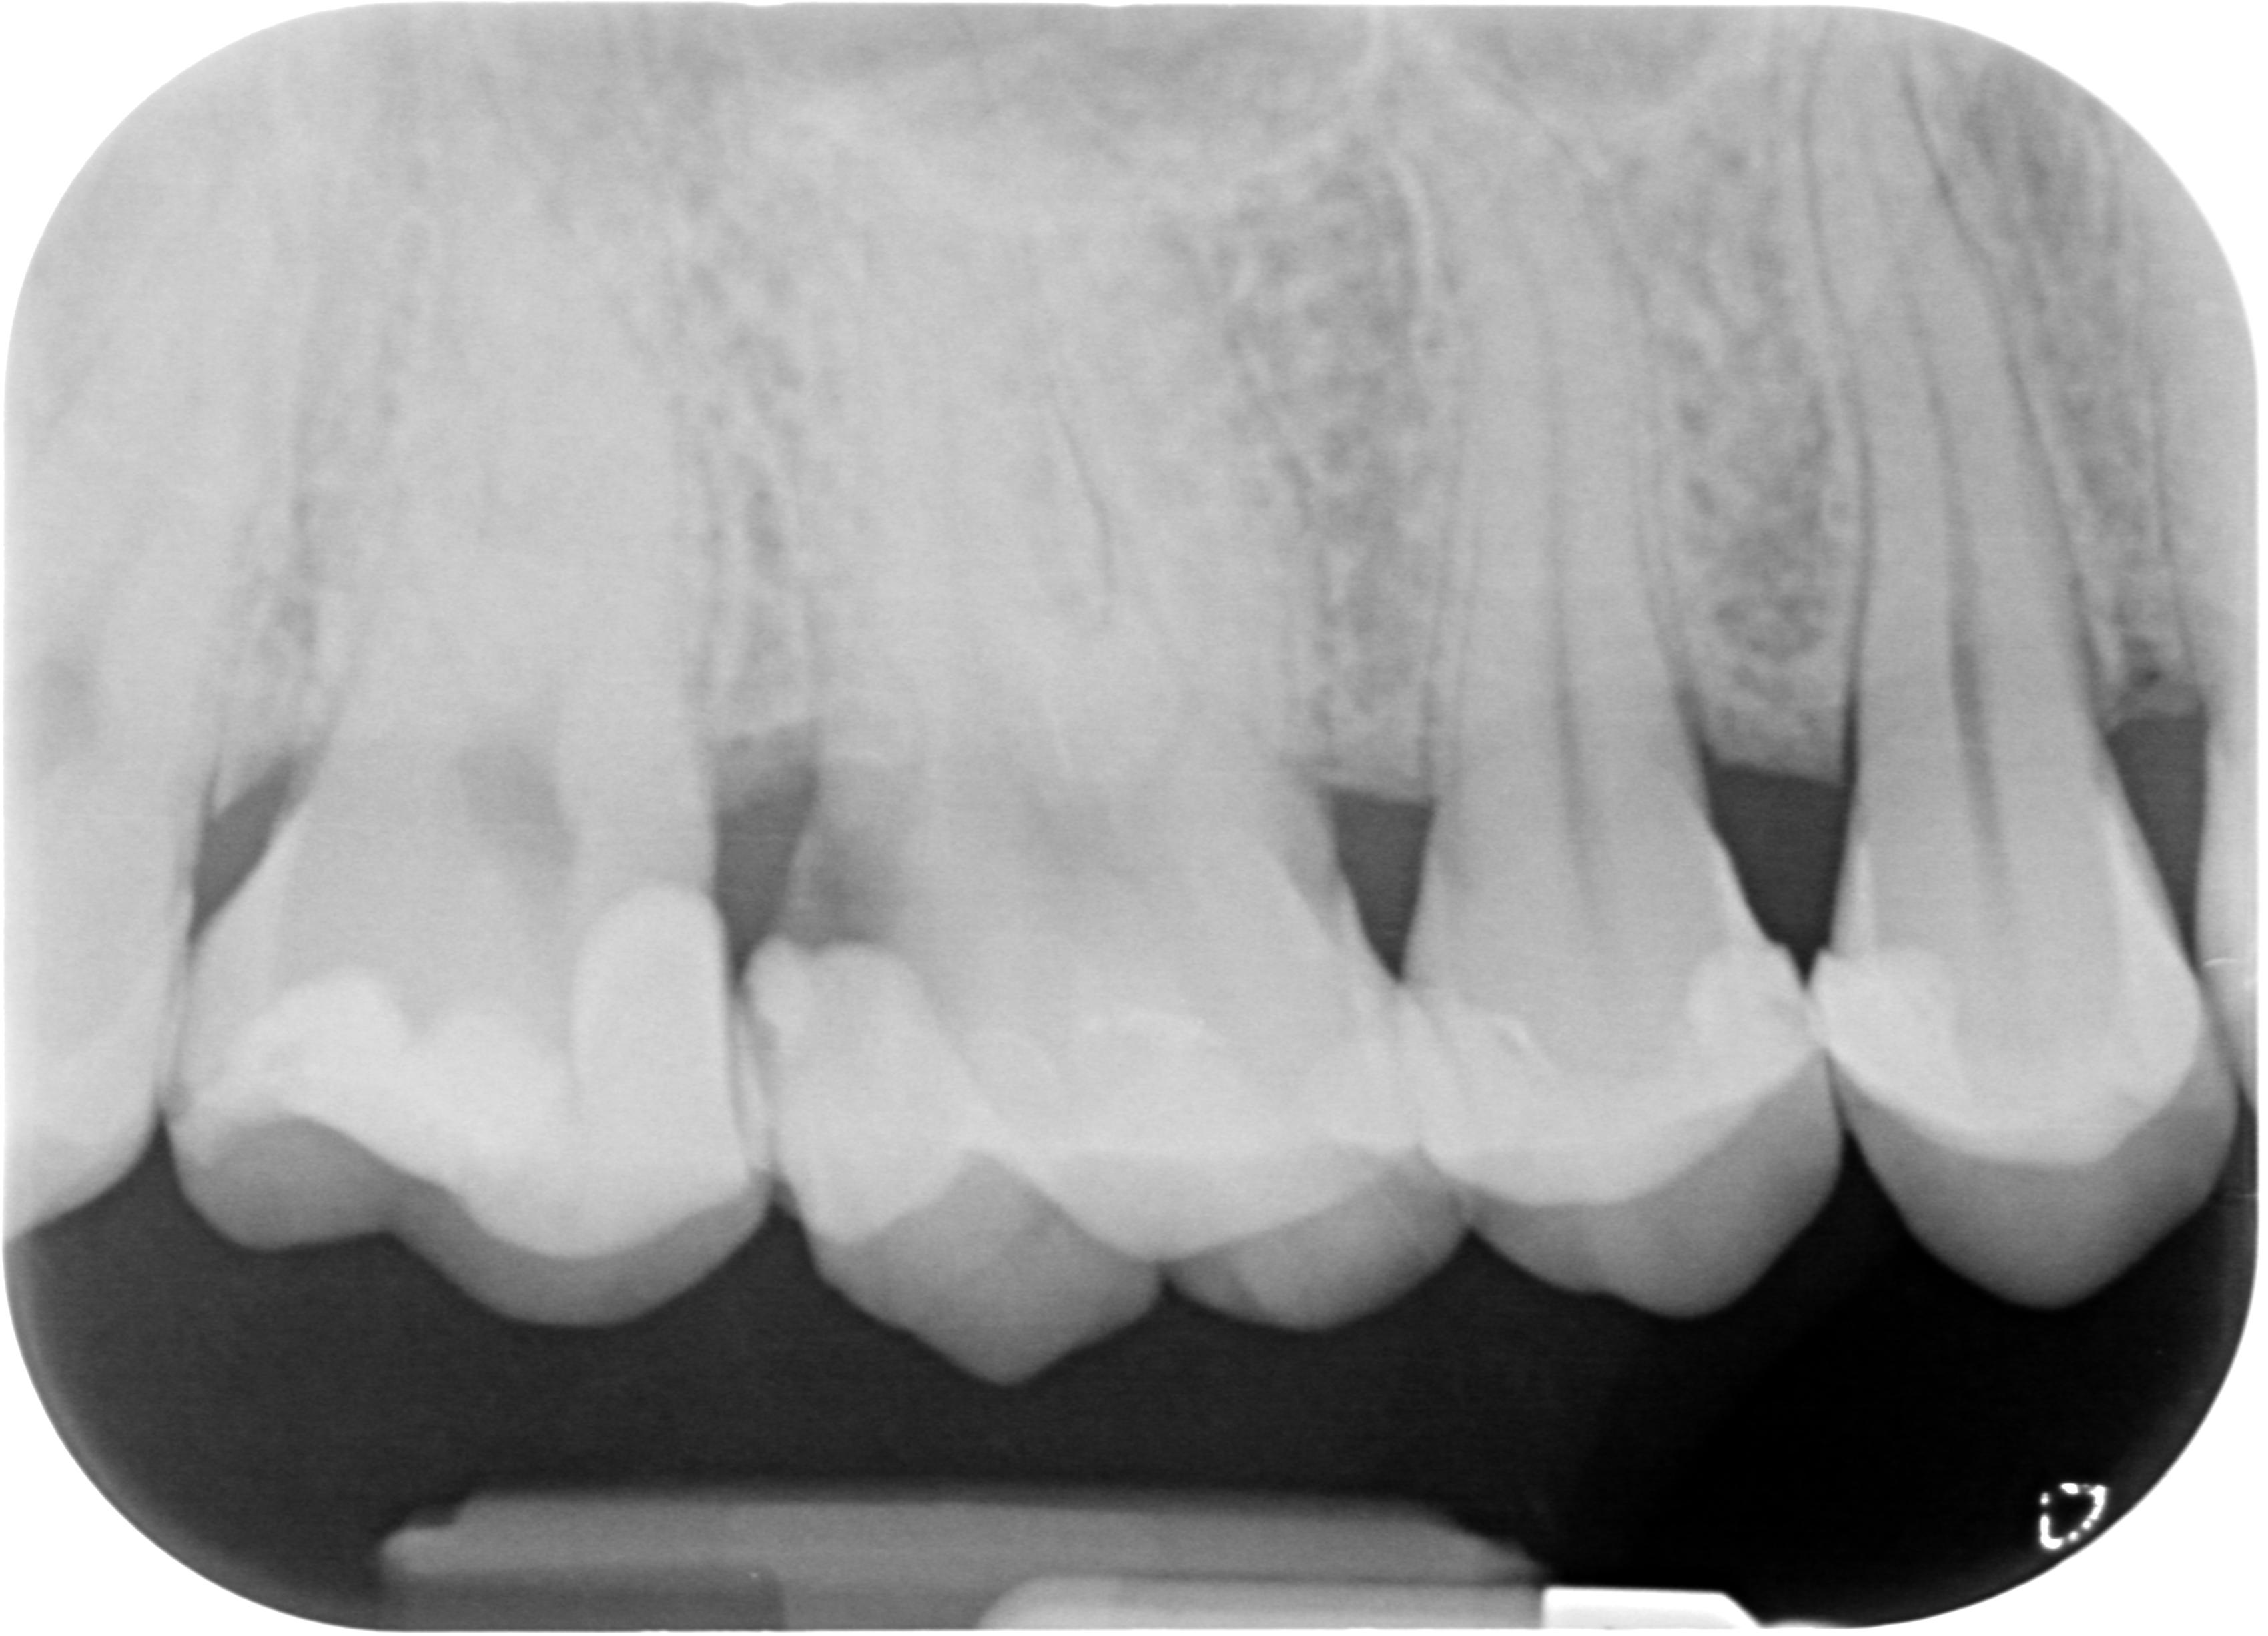 Sul molare superiore destro mi è stato detto che devo eseguire una devitalizzazione